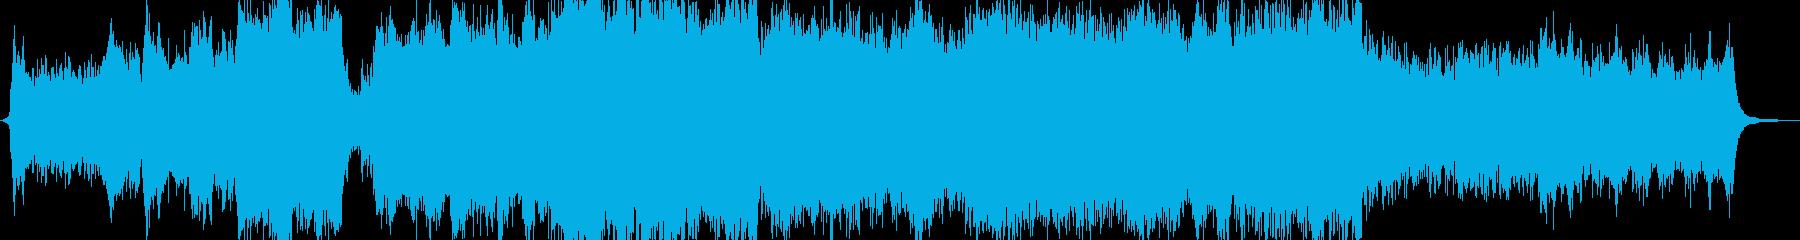 躍動感あるオーケストラサウンドの再生済みの波形